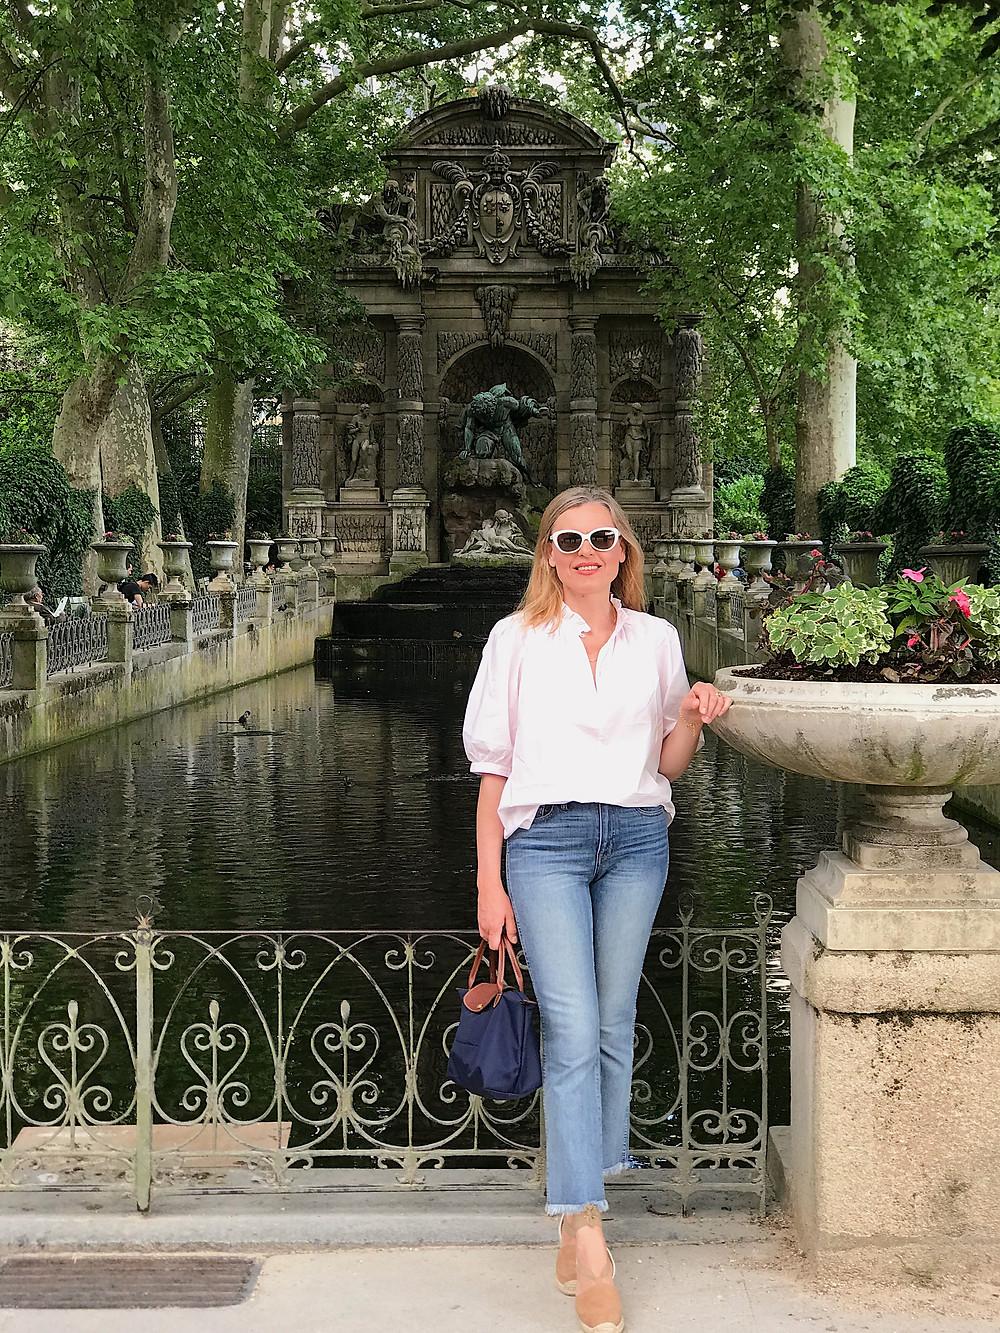 woman by fountain in Jardin du Luxembourg